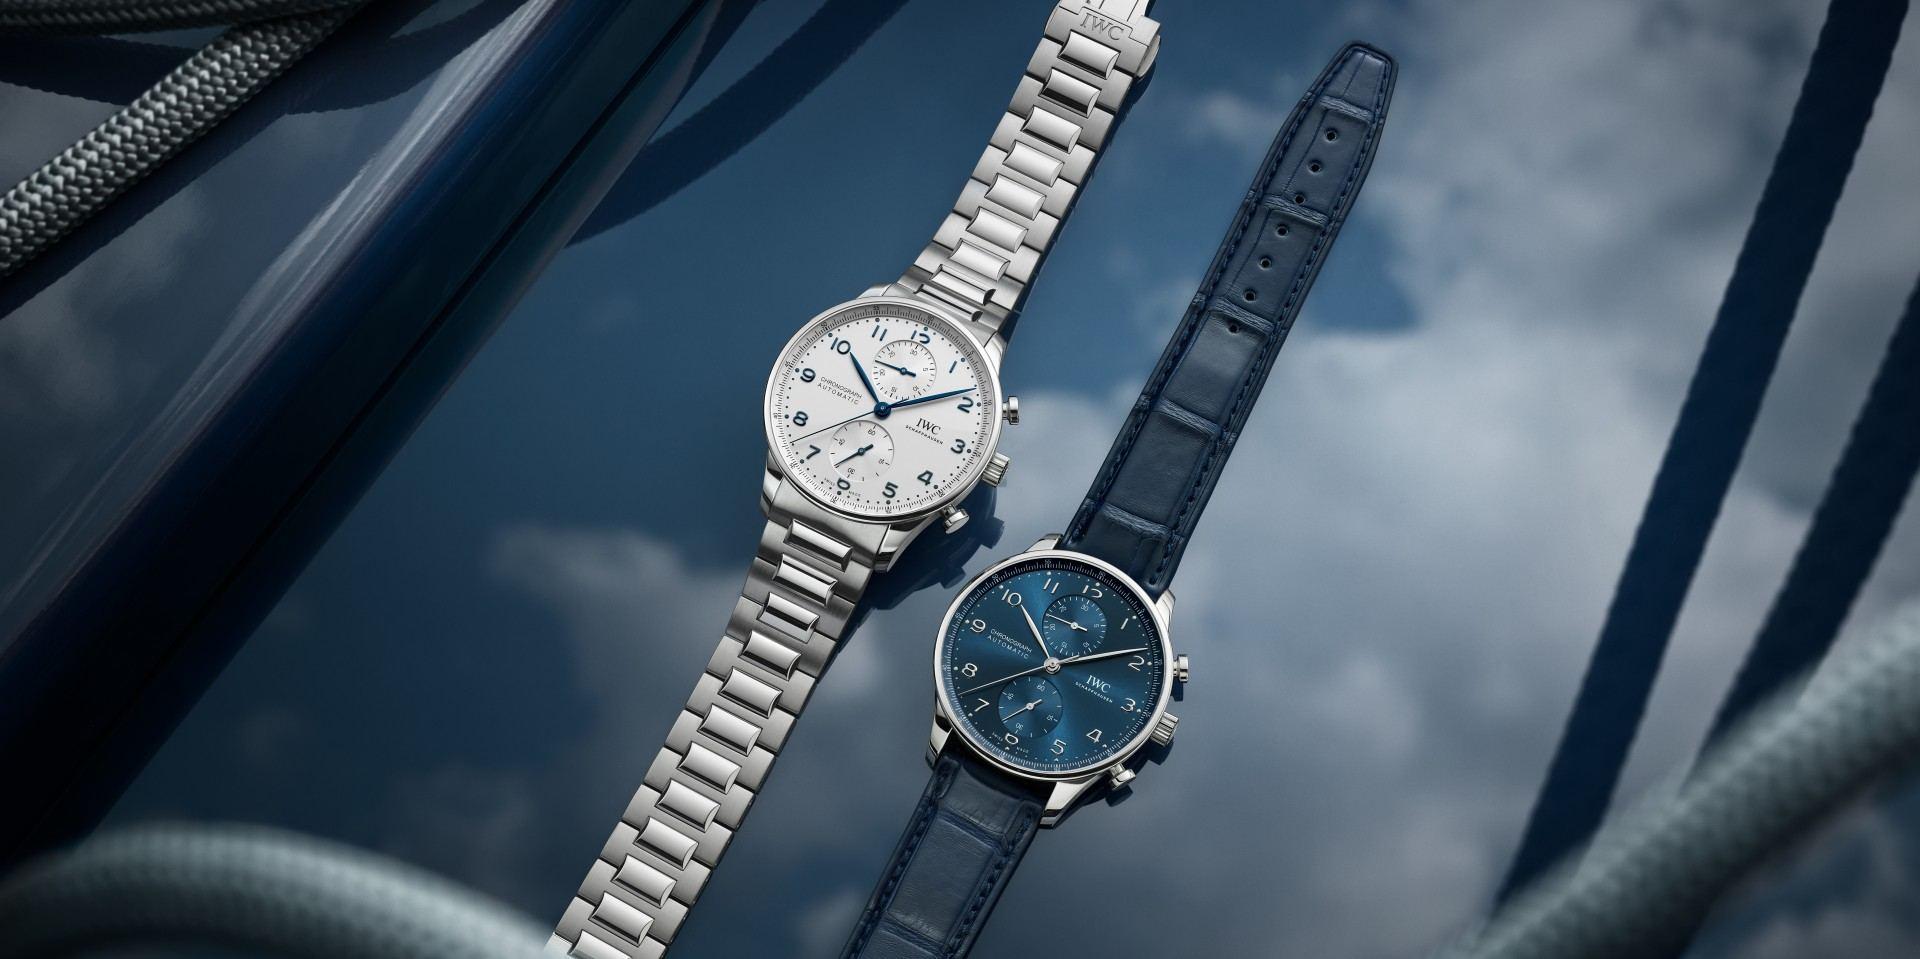 【2020線上錶展】IWC於上海Watches & Wonders展覽上推出不鏽鋼鍊帶款Portugieser葡萄牙計時腕錶